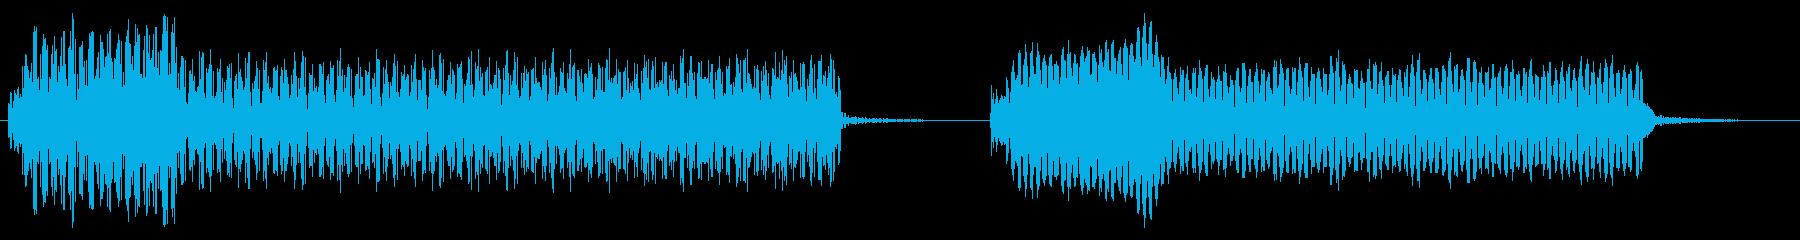 ムービングブレードフューチャーヘリ...の再生済みの波形